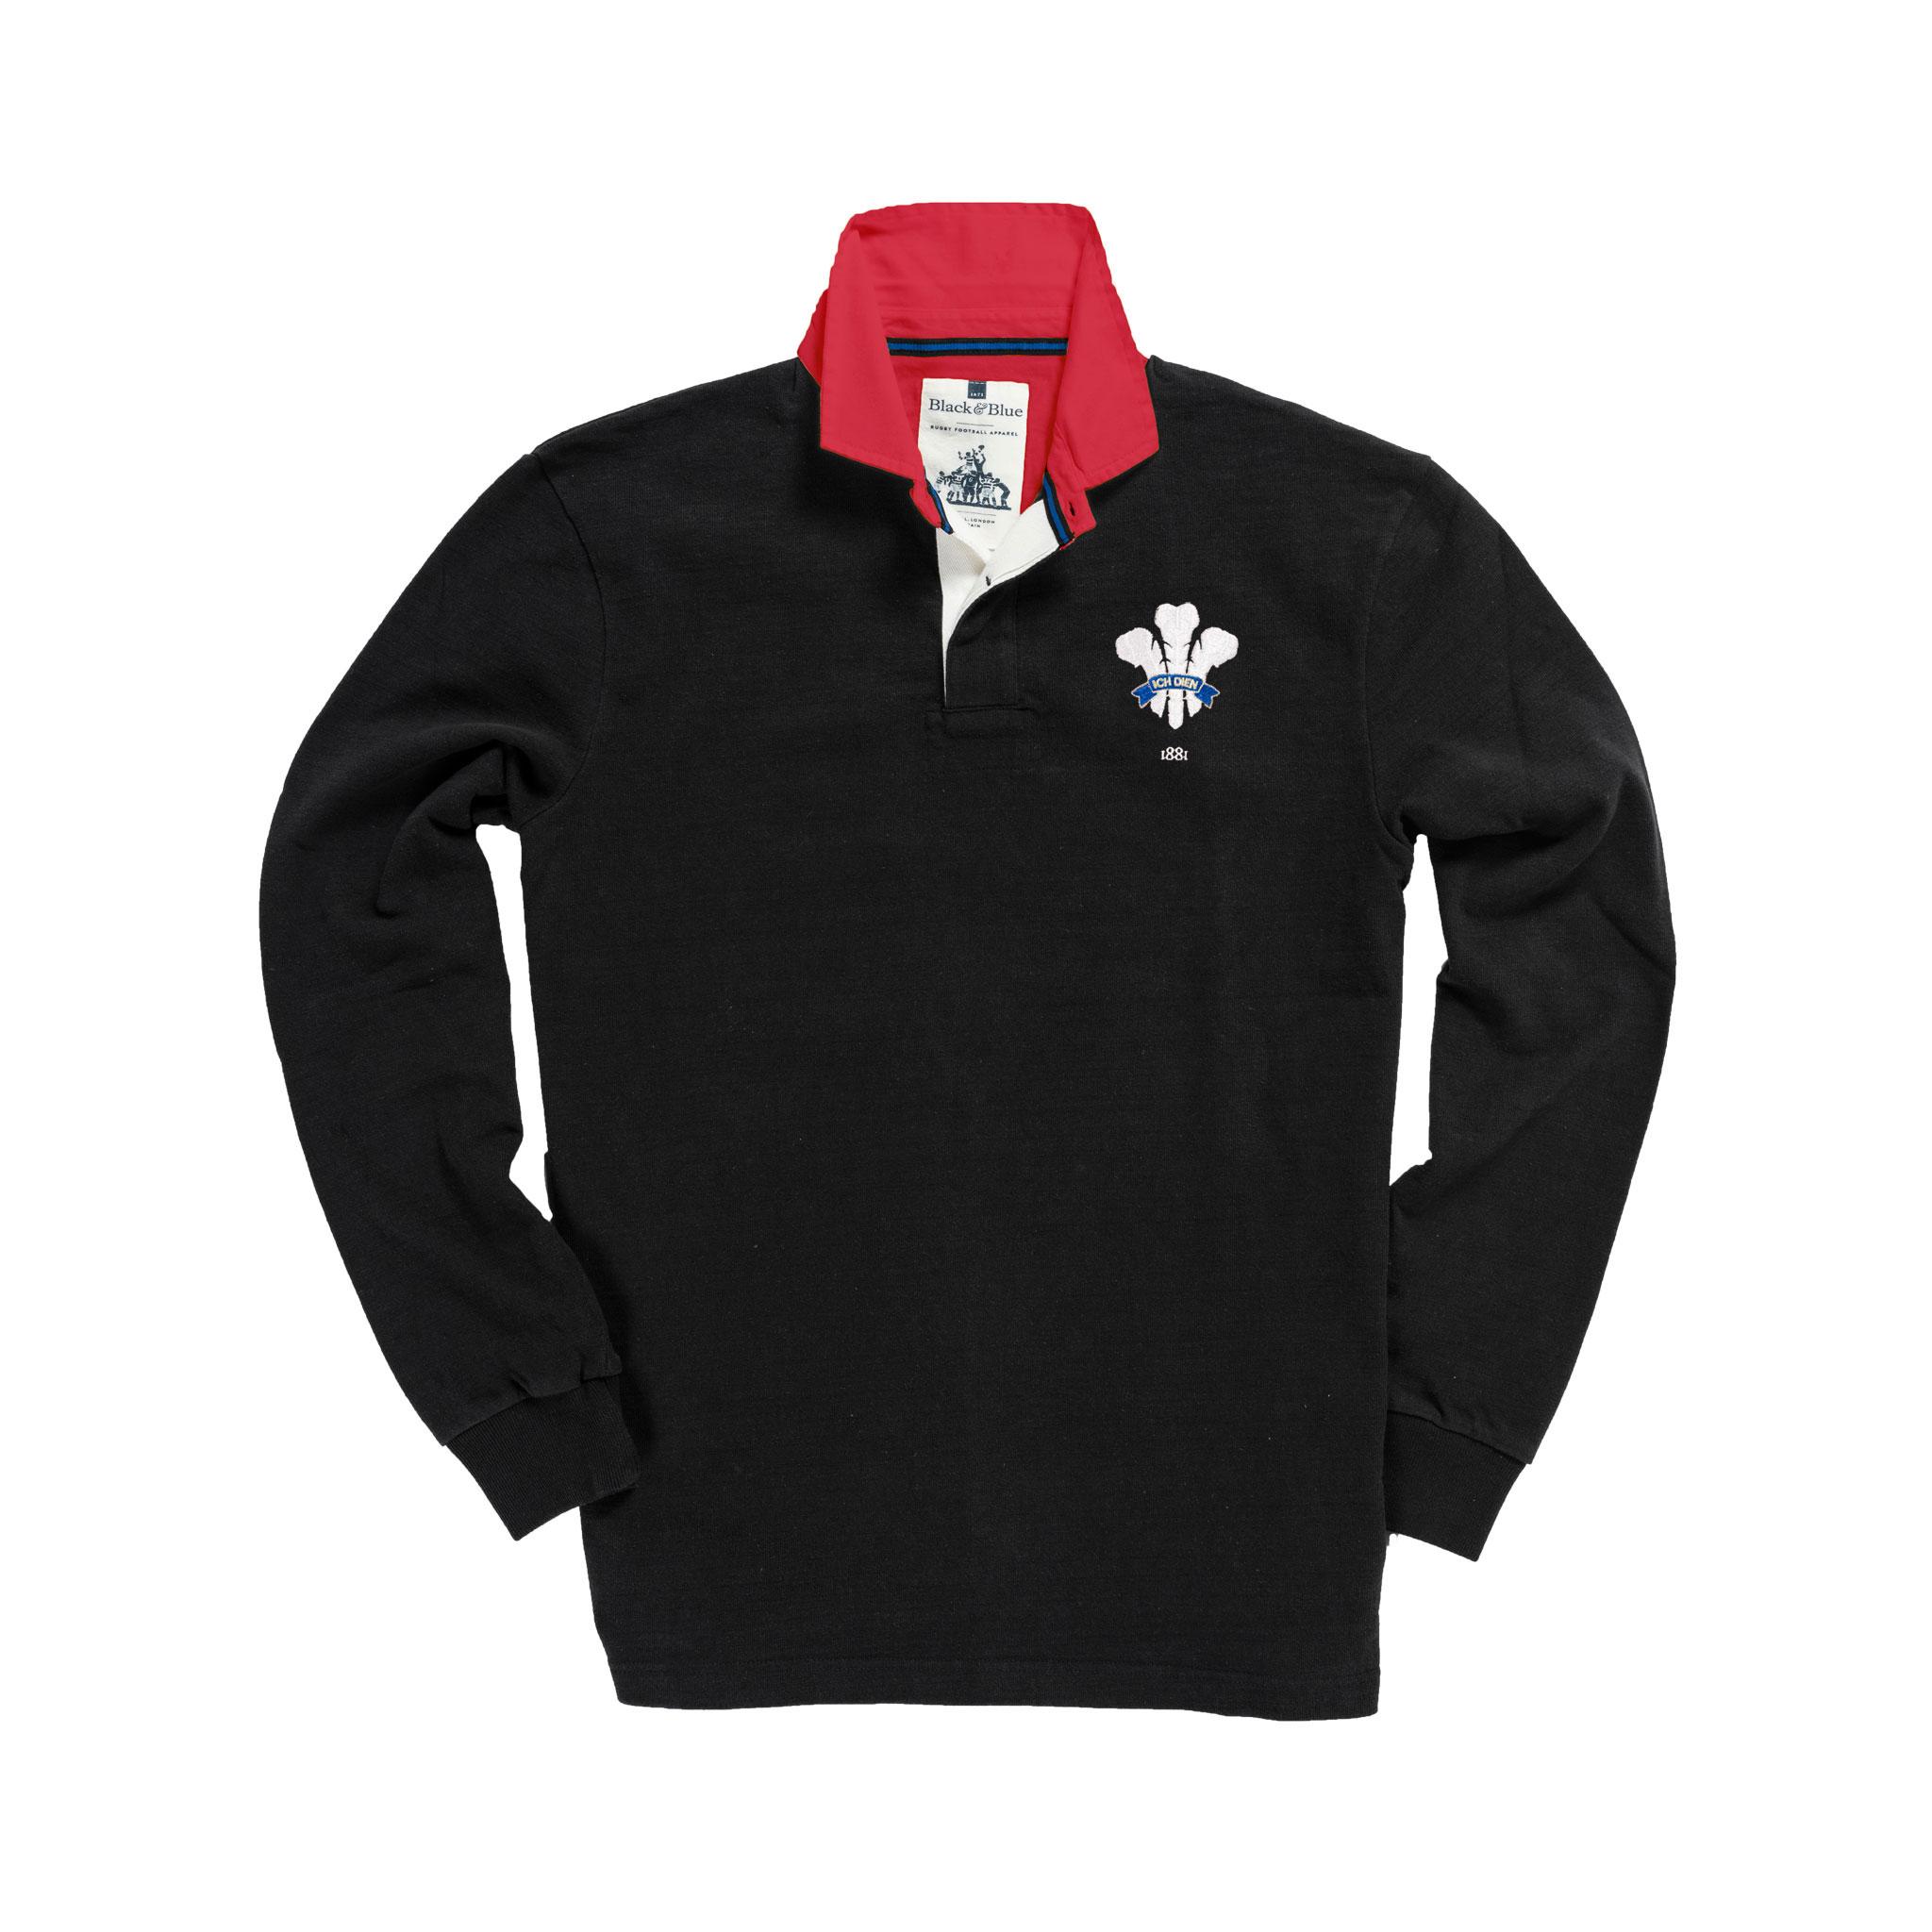 Wales 1881 Black Vintage Rugby Shirt